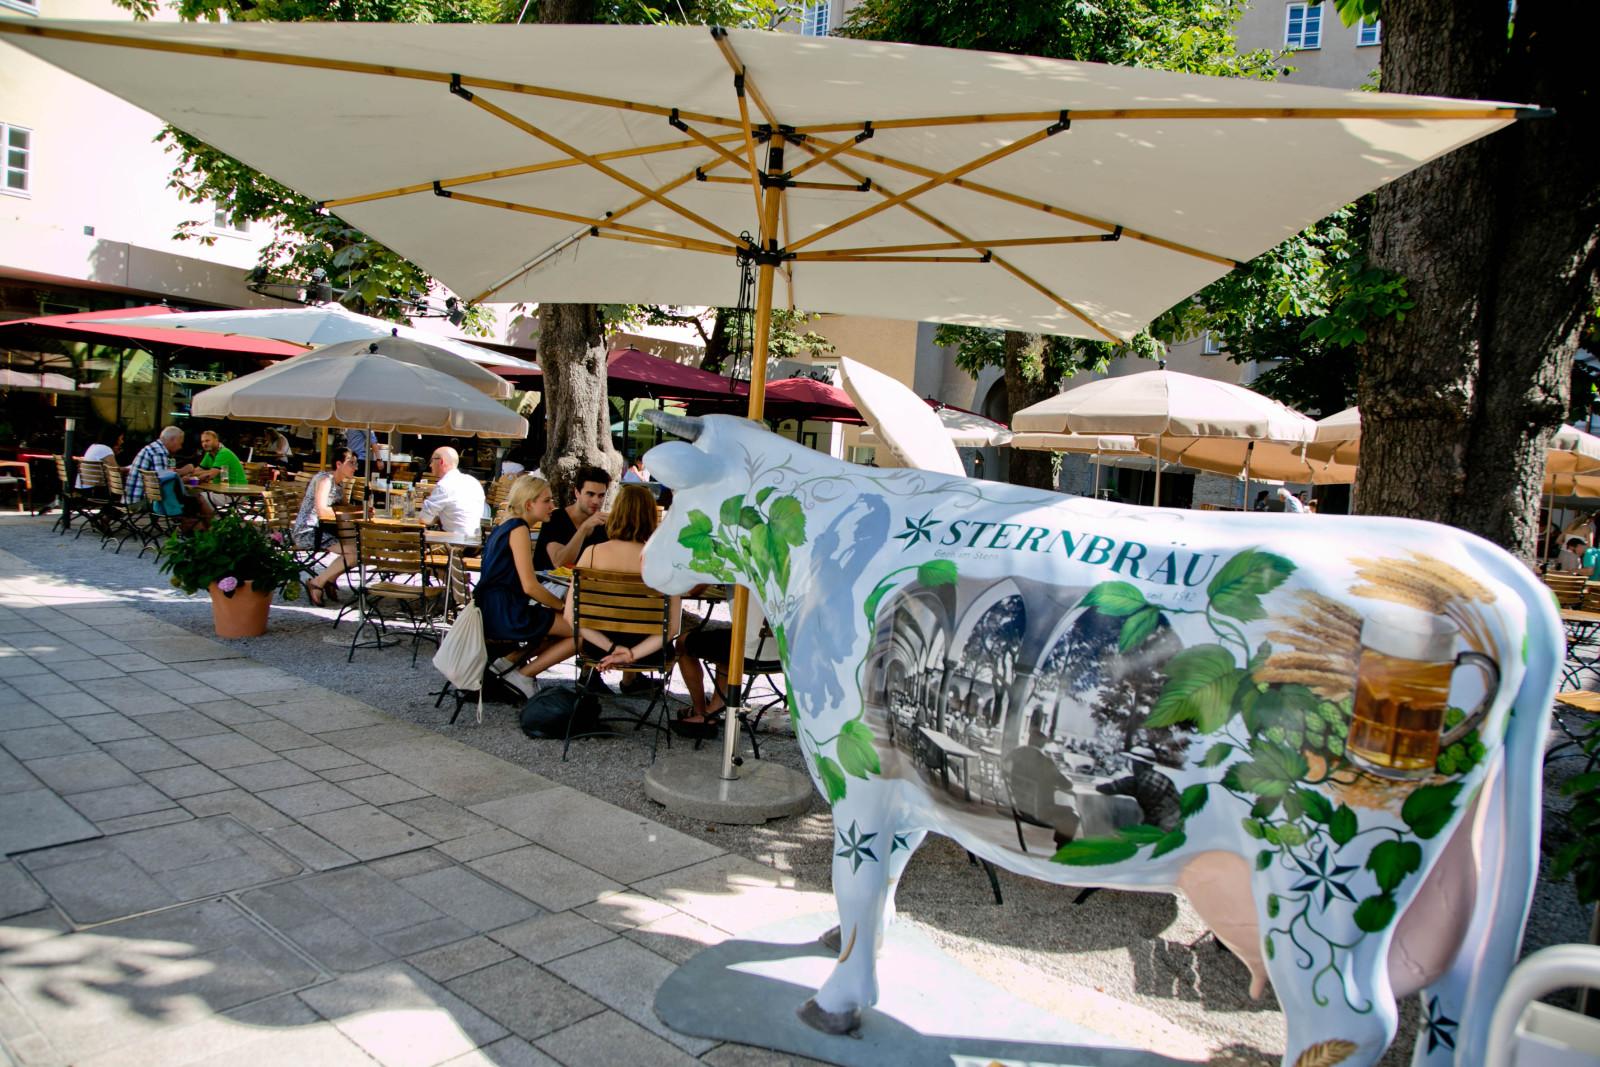 Sternbräu, Am Gries, Griesgasse, Salzburg,  (c)wildbild